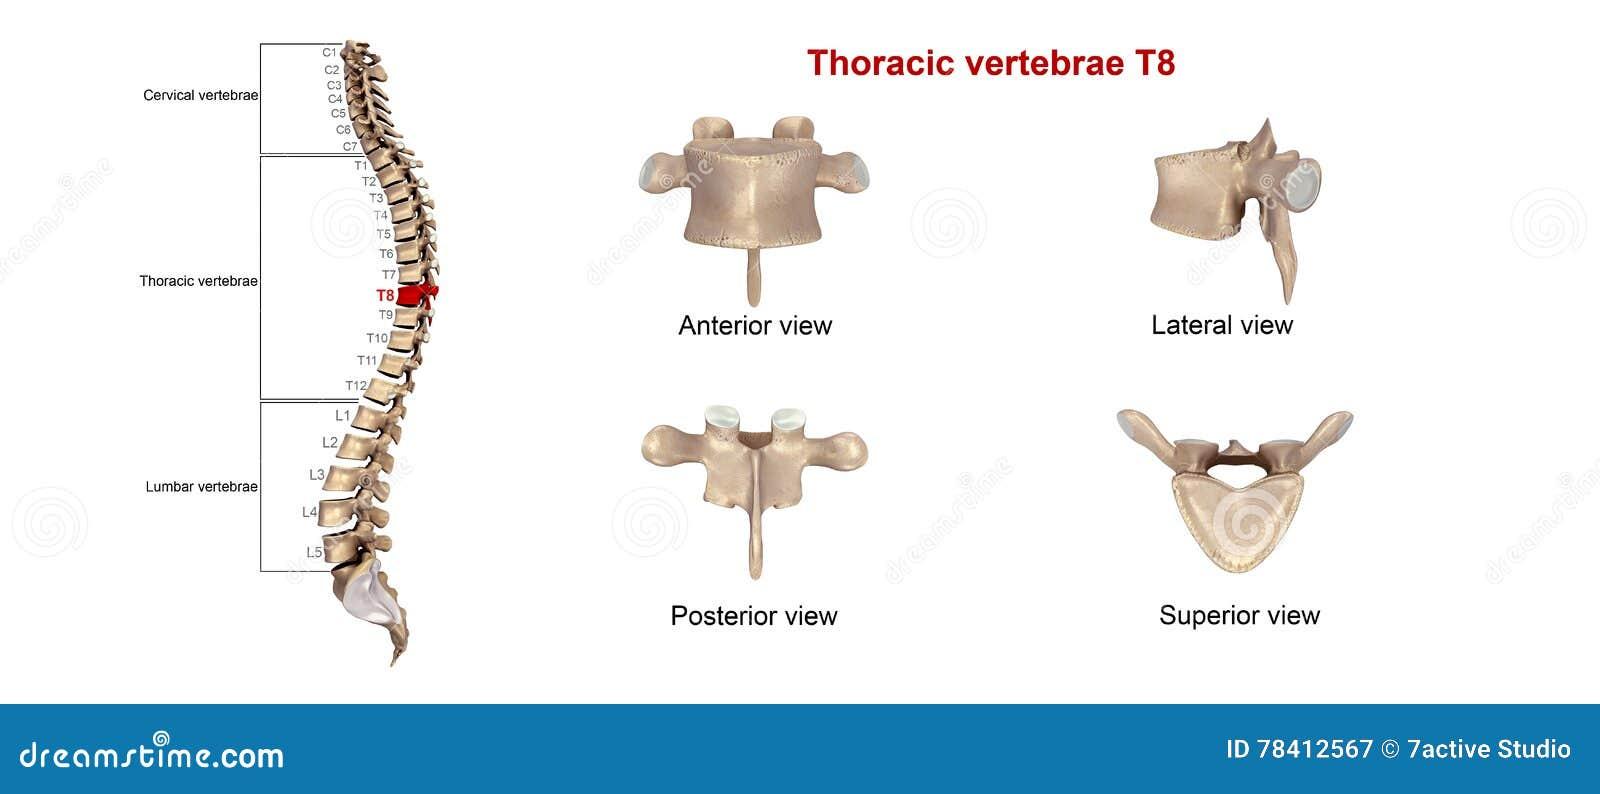 Vértebras torácicas T8 stock de ilustración. Ilustración de anatomía ...